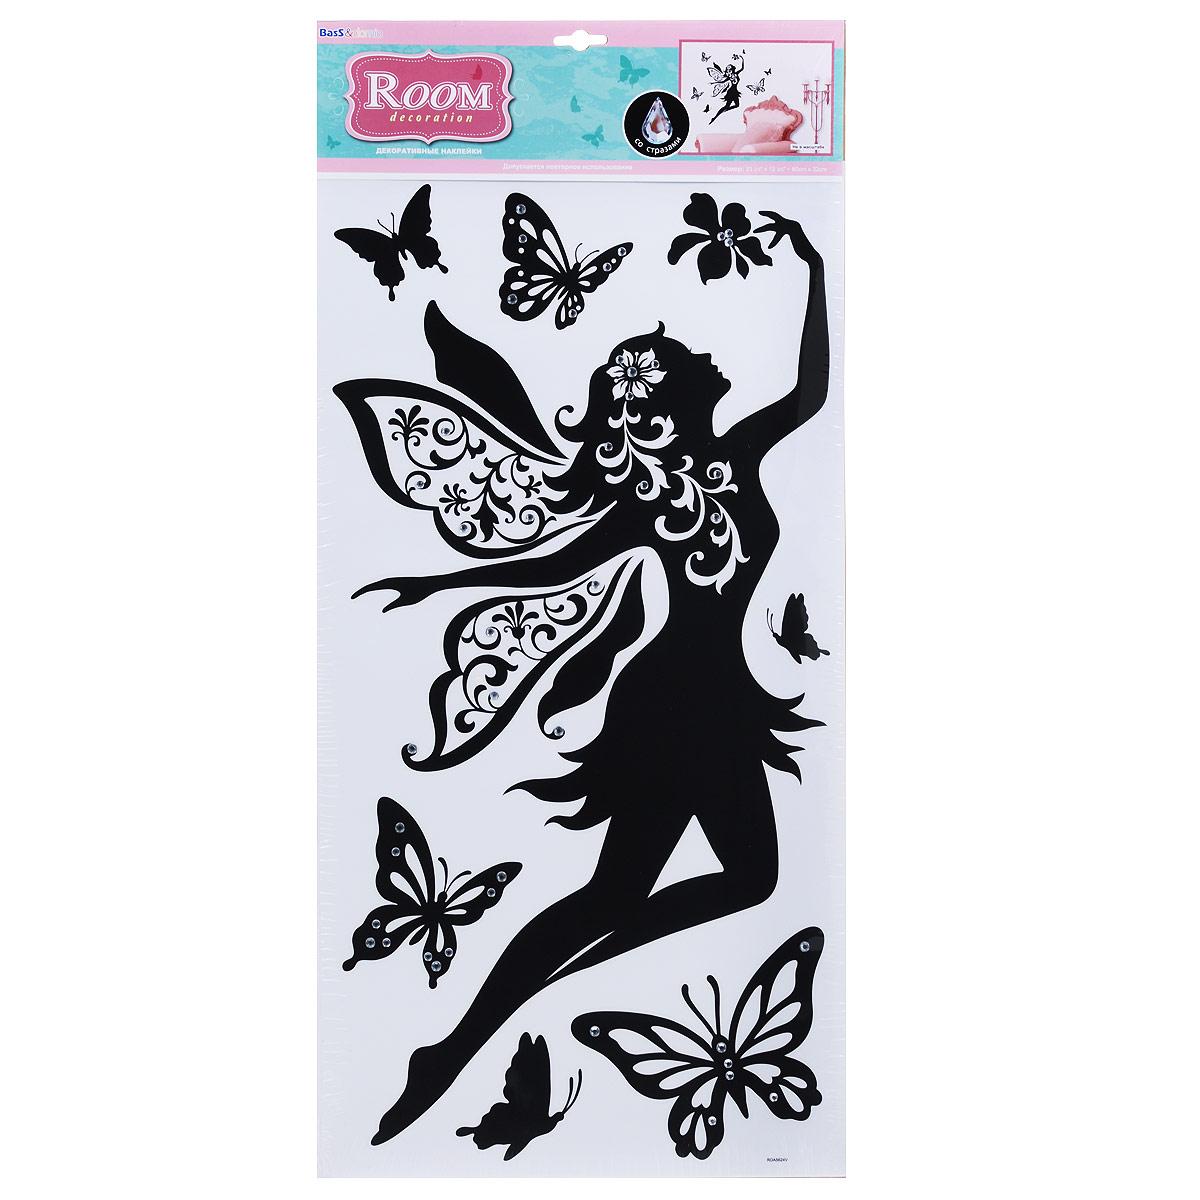 Наклейки для интерьера Room Decoration Летящая фея, со стразами, 60 х 32 см наклейки для интерьера room decoration цветы и бабочки 60 см х 32 см